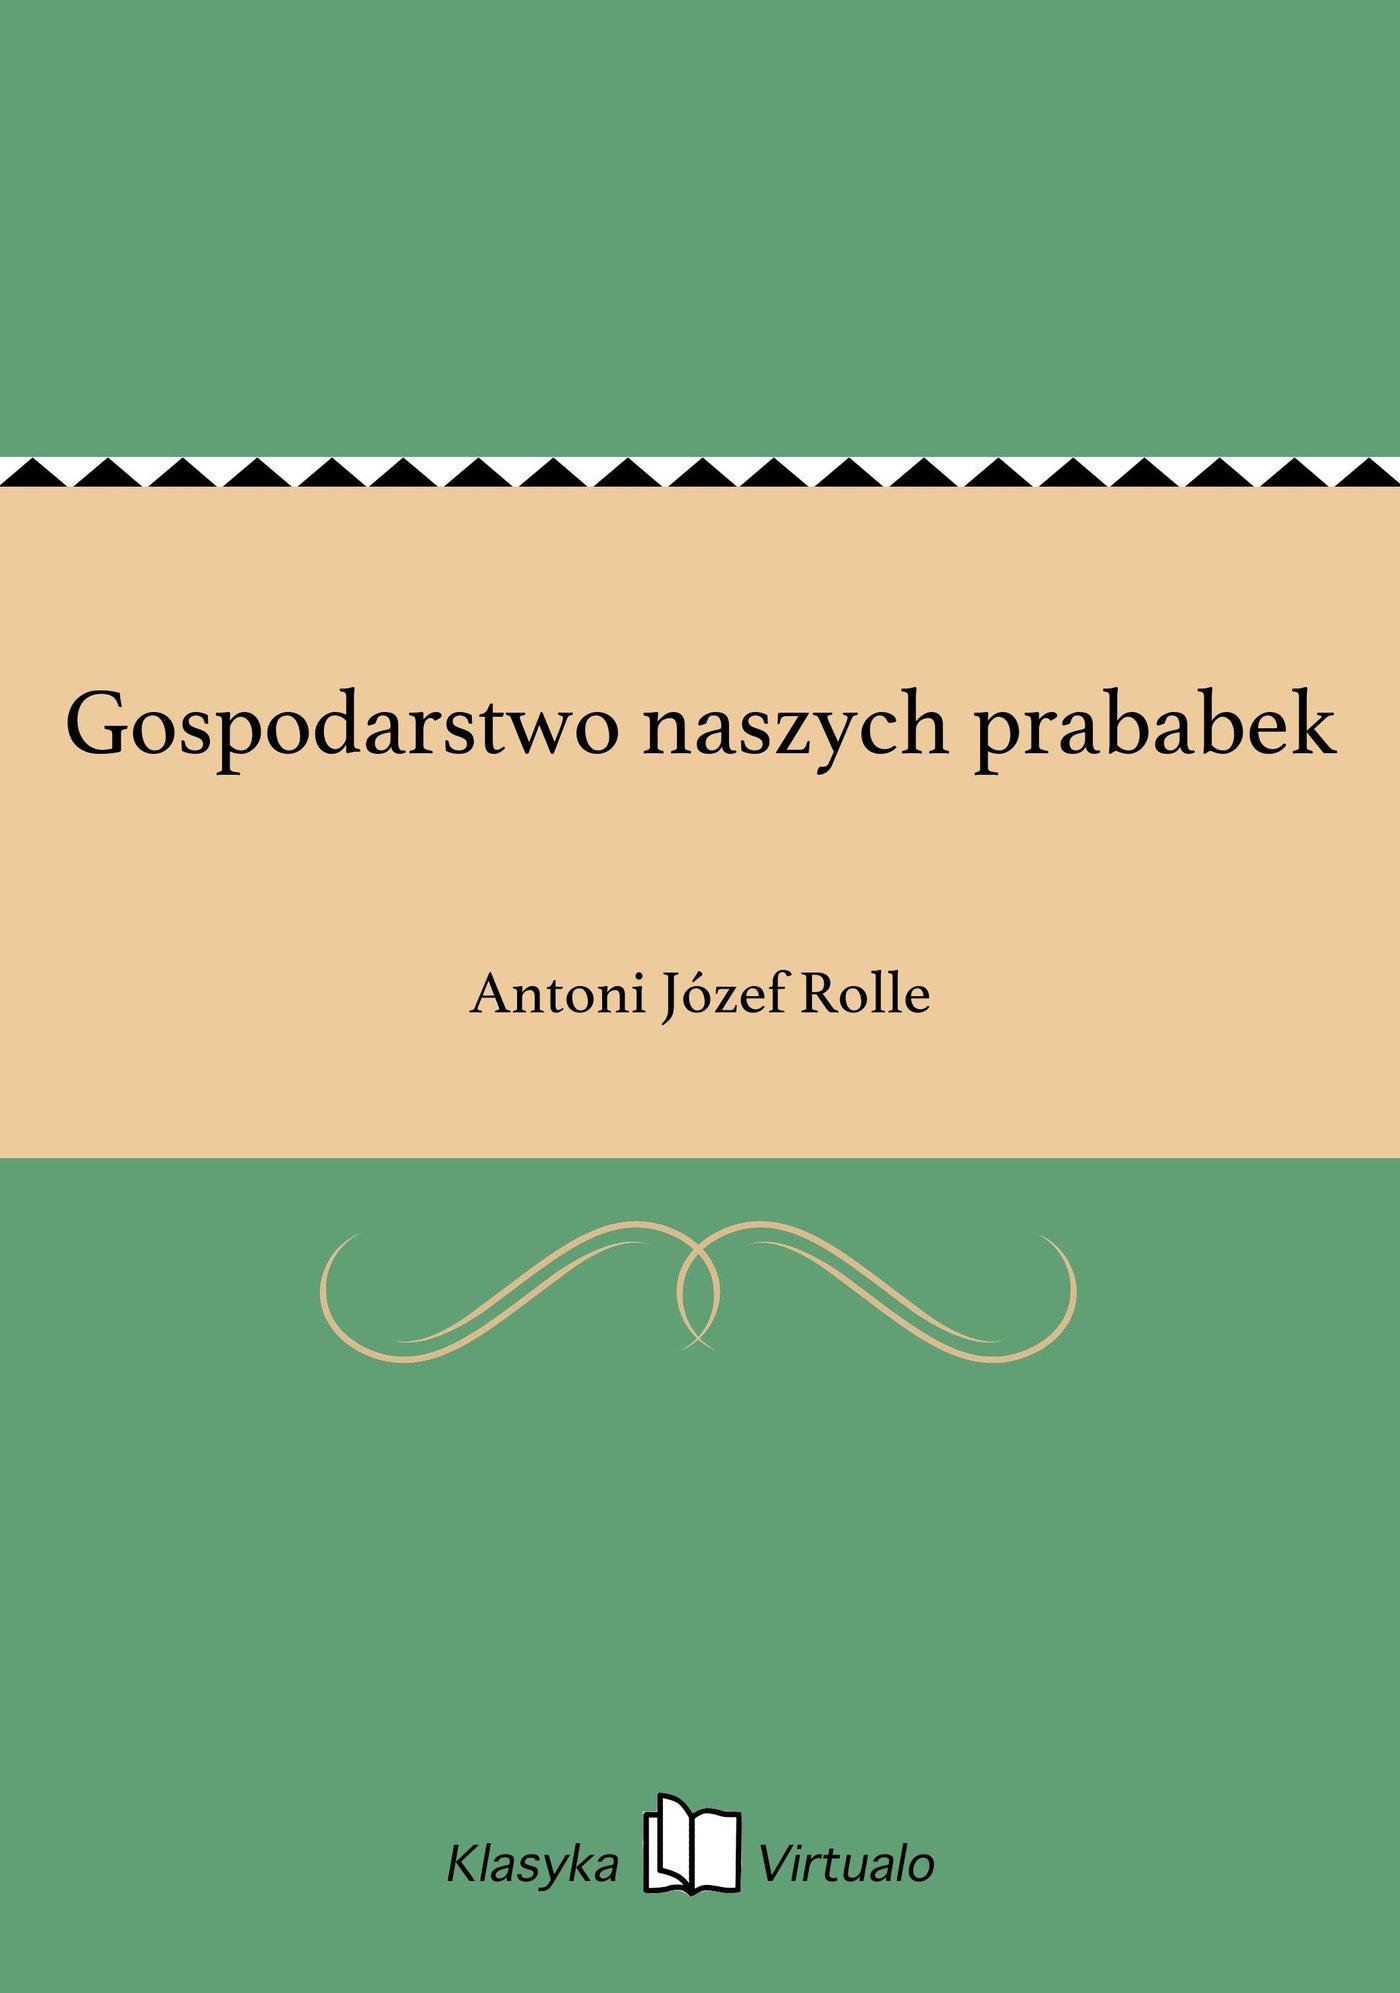 Gospodarstwo naszych prababek - Ebook (Książka EPUB) do pobrania w formacie EPUB